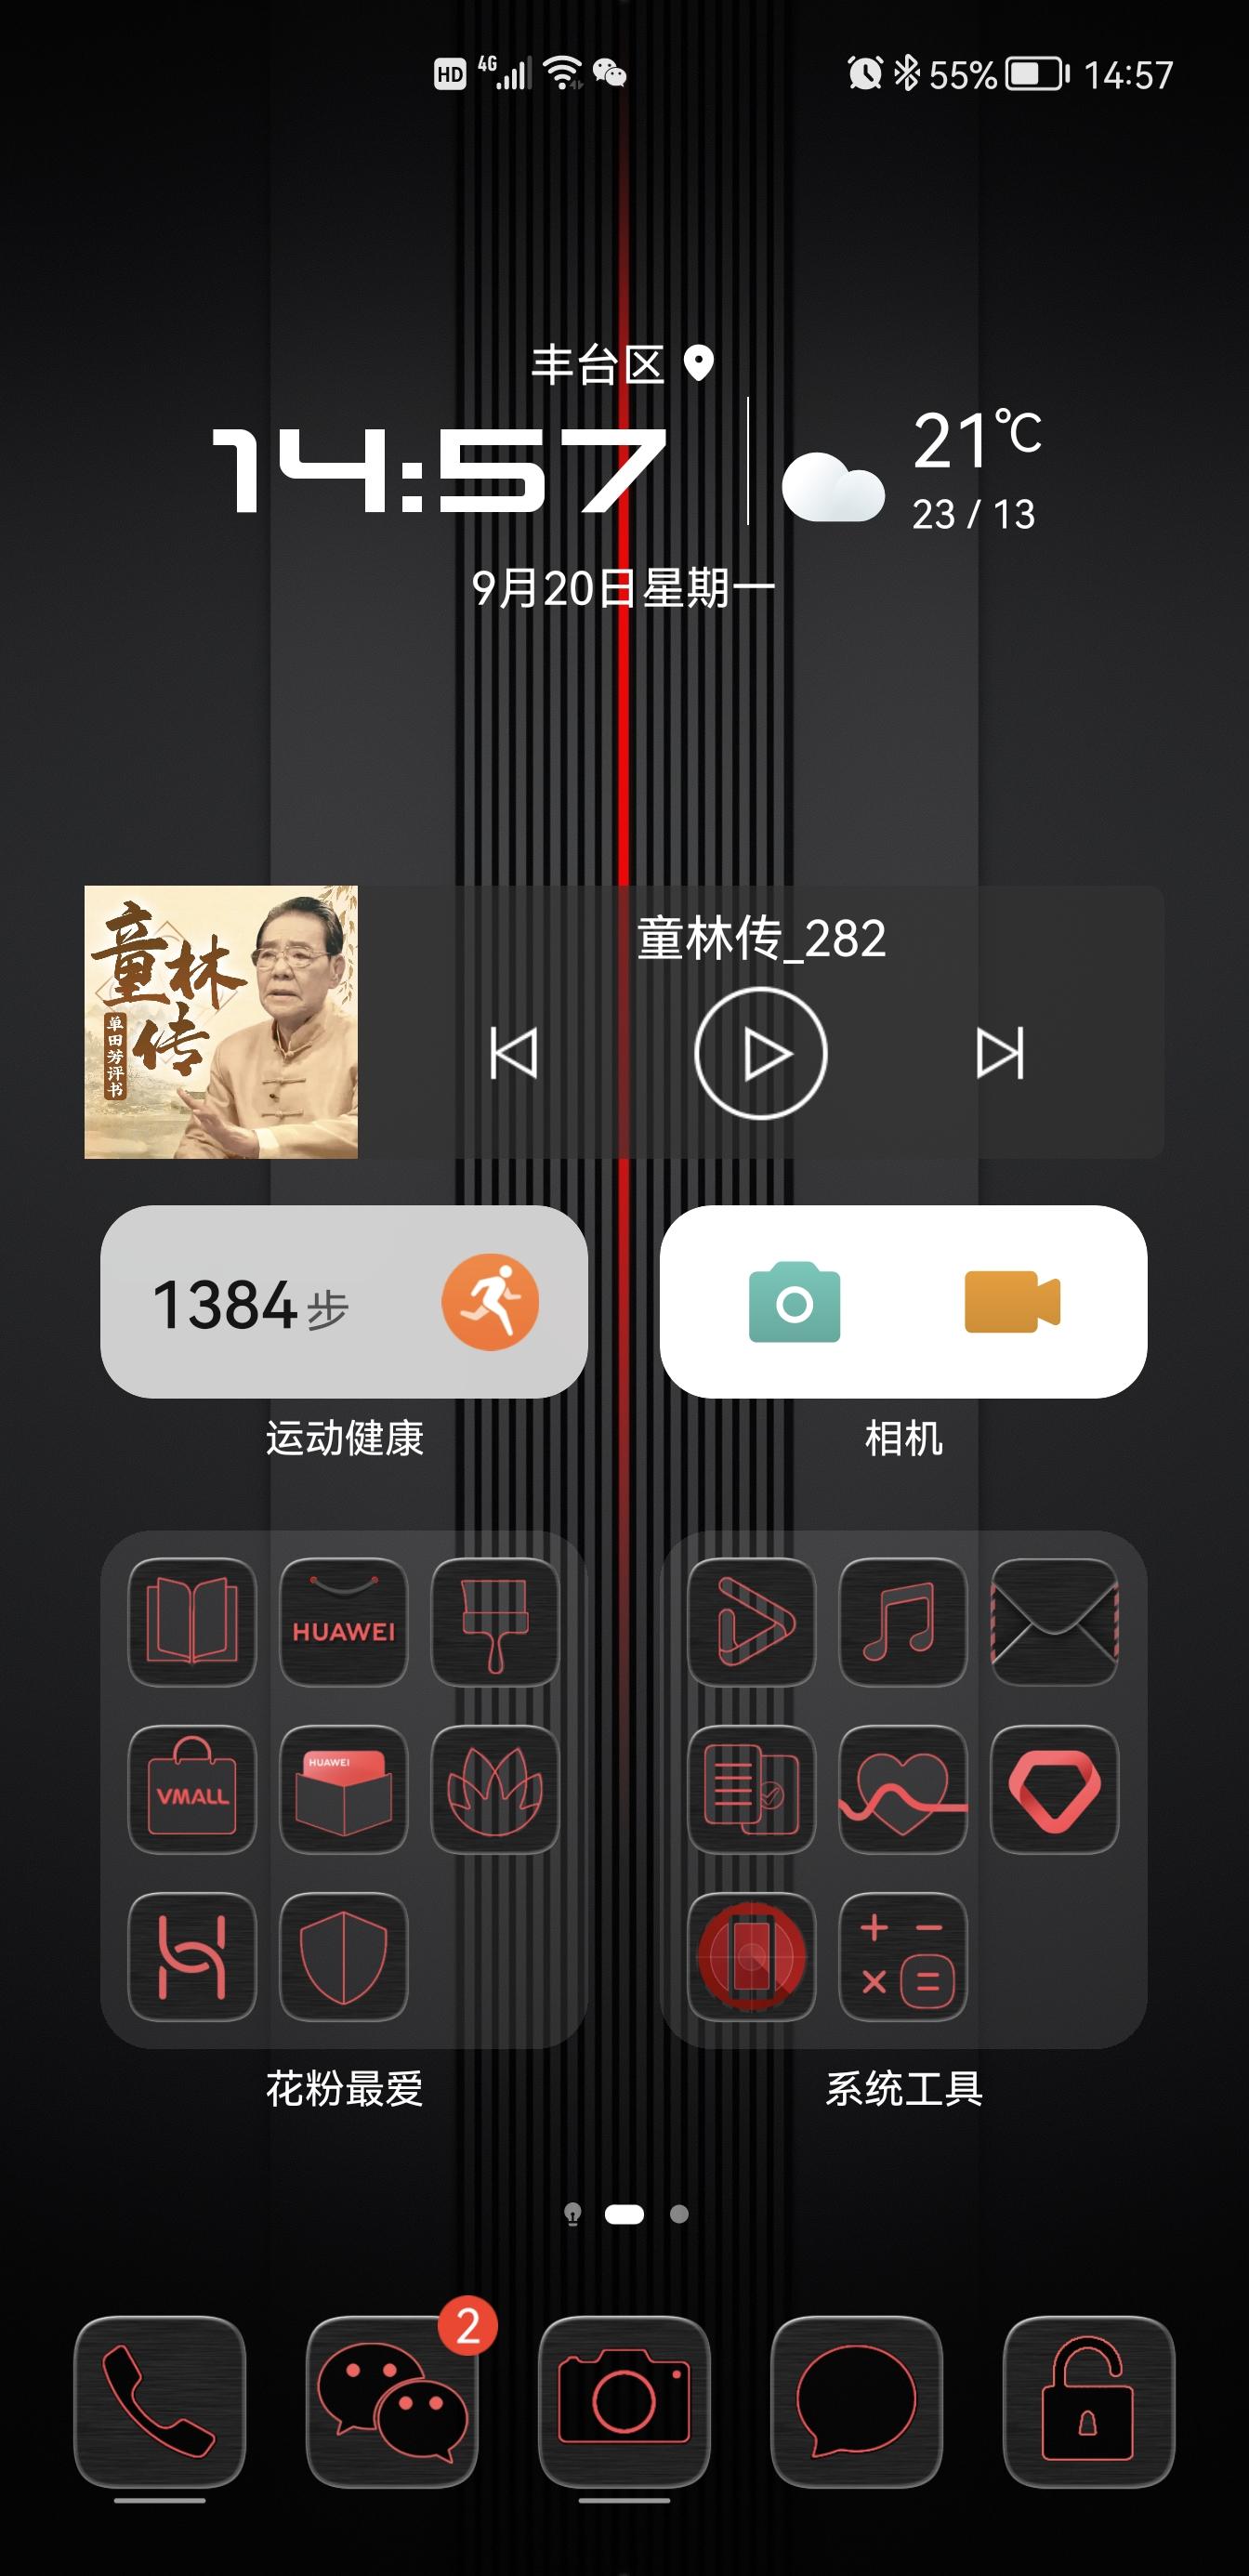 Screenshot_20210920_145725_com.huawei.android.launcher.jpg